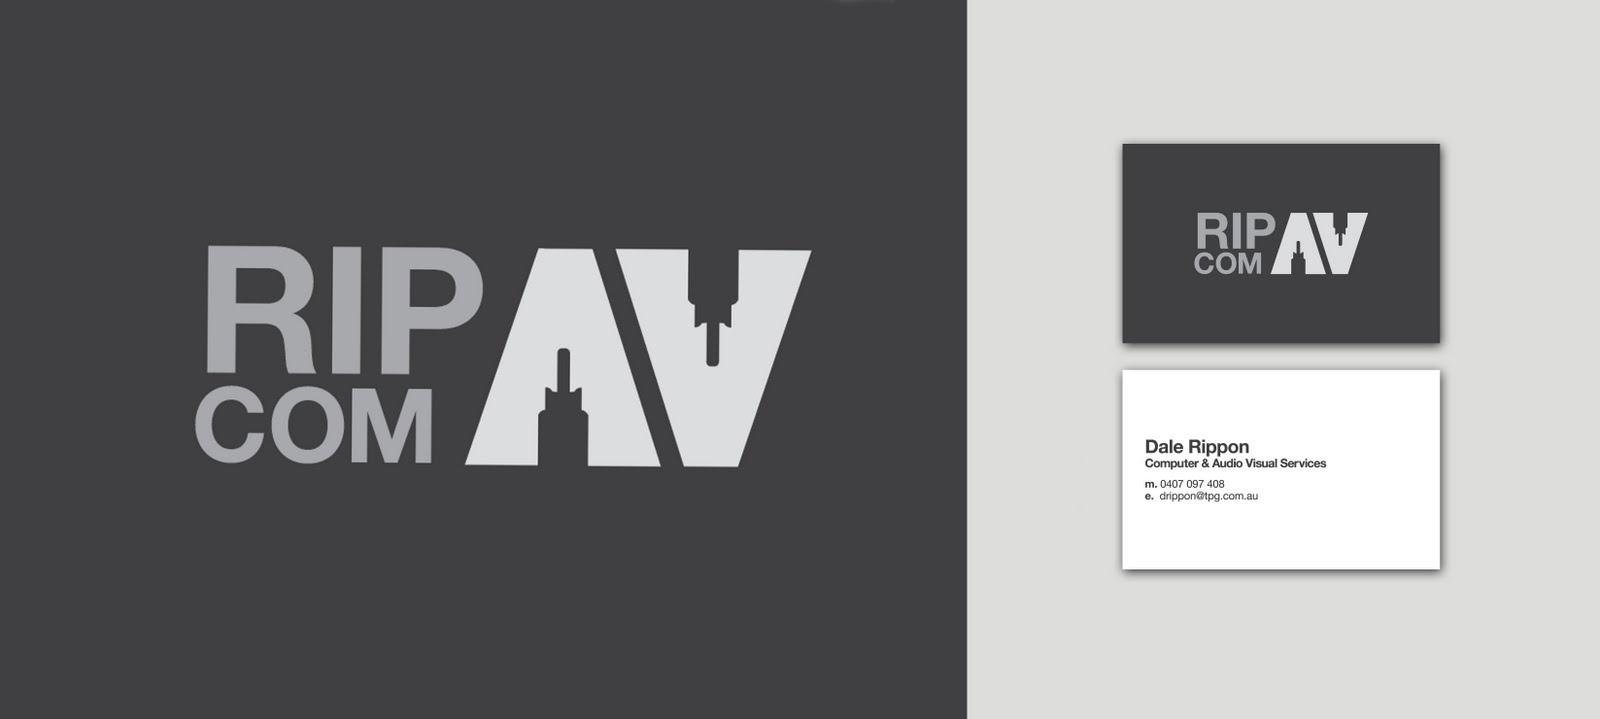 Welshdesign: RIP COM AV Branding